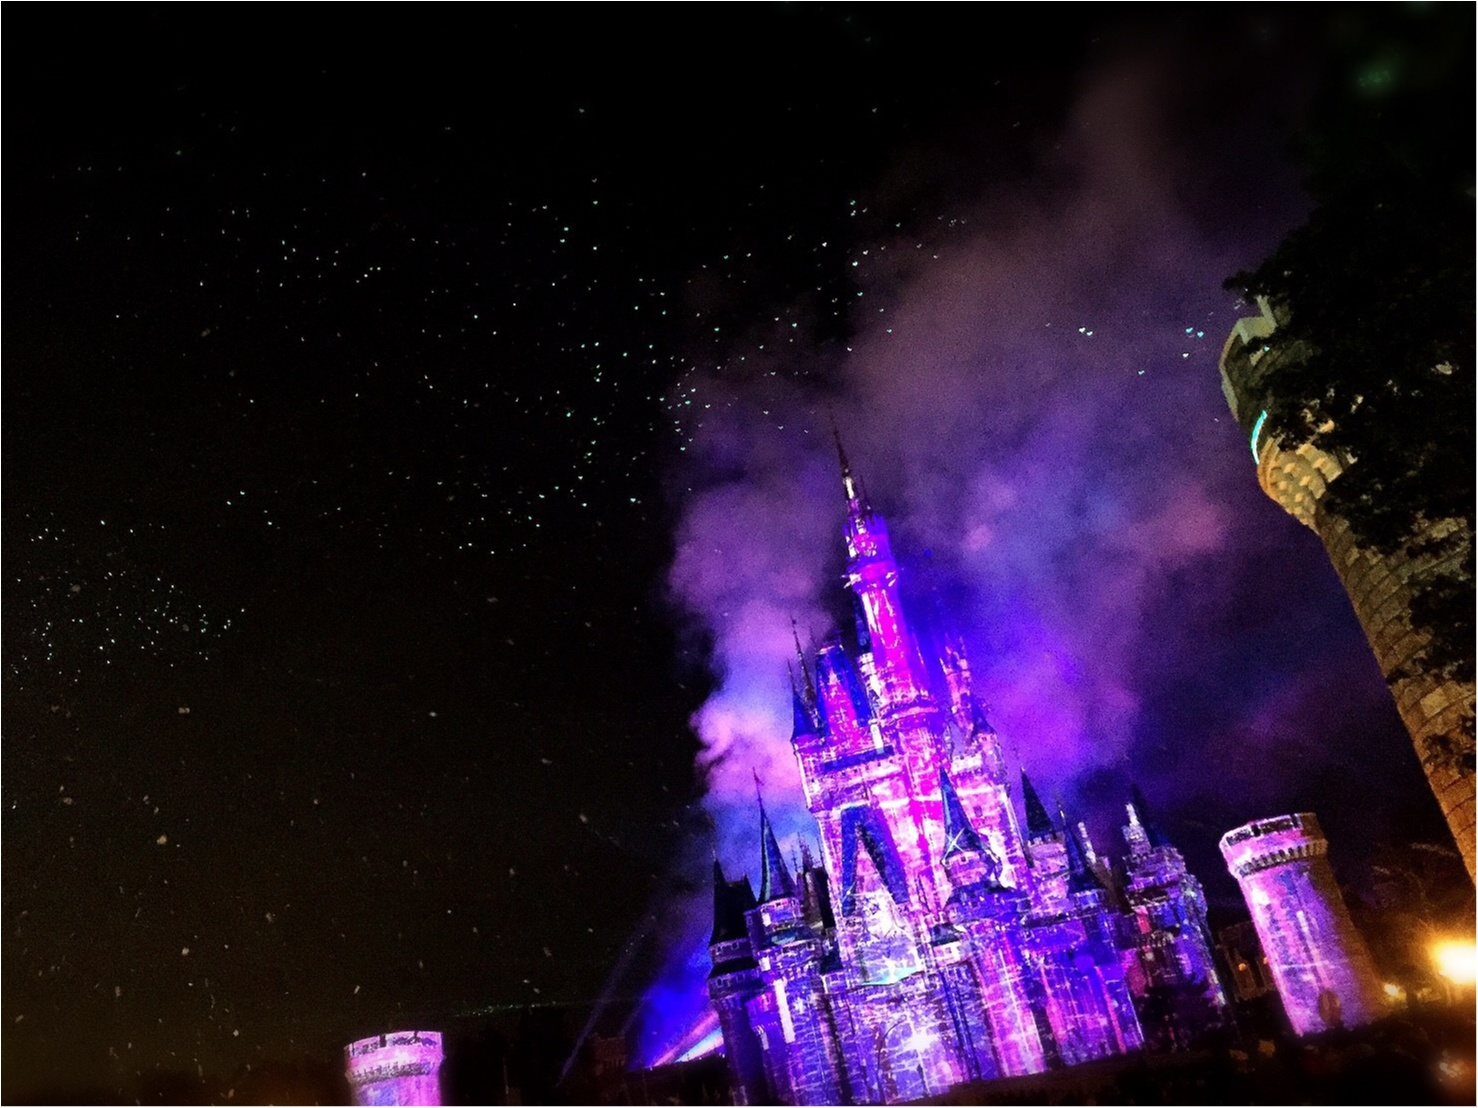 会社あがりでも十分満喫!平日ディズニー♡アナ雪のプロジェクションマッピングみてきました!_8